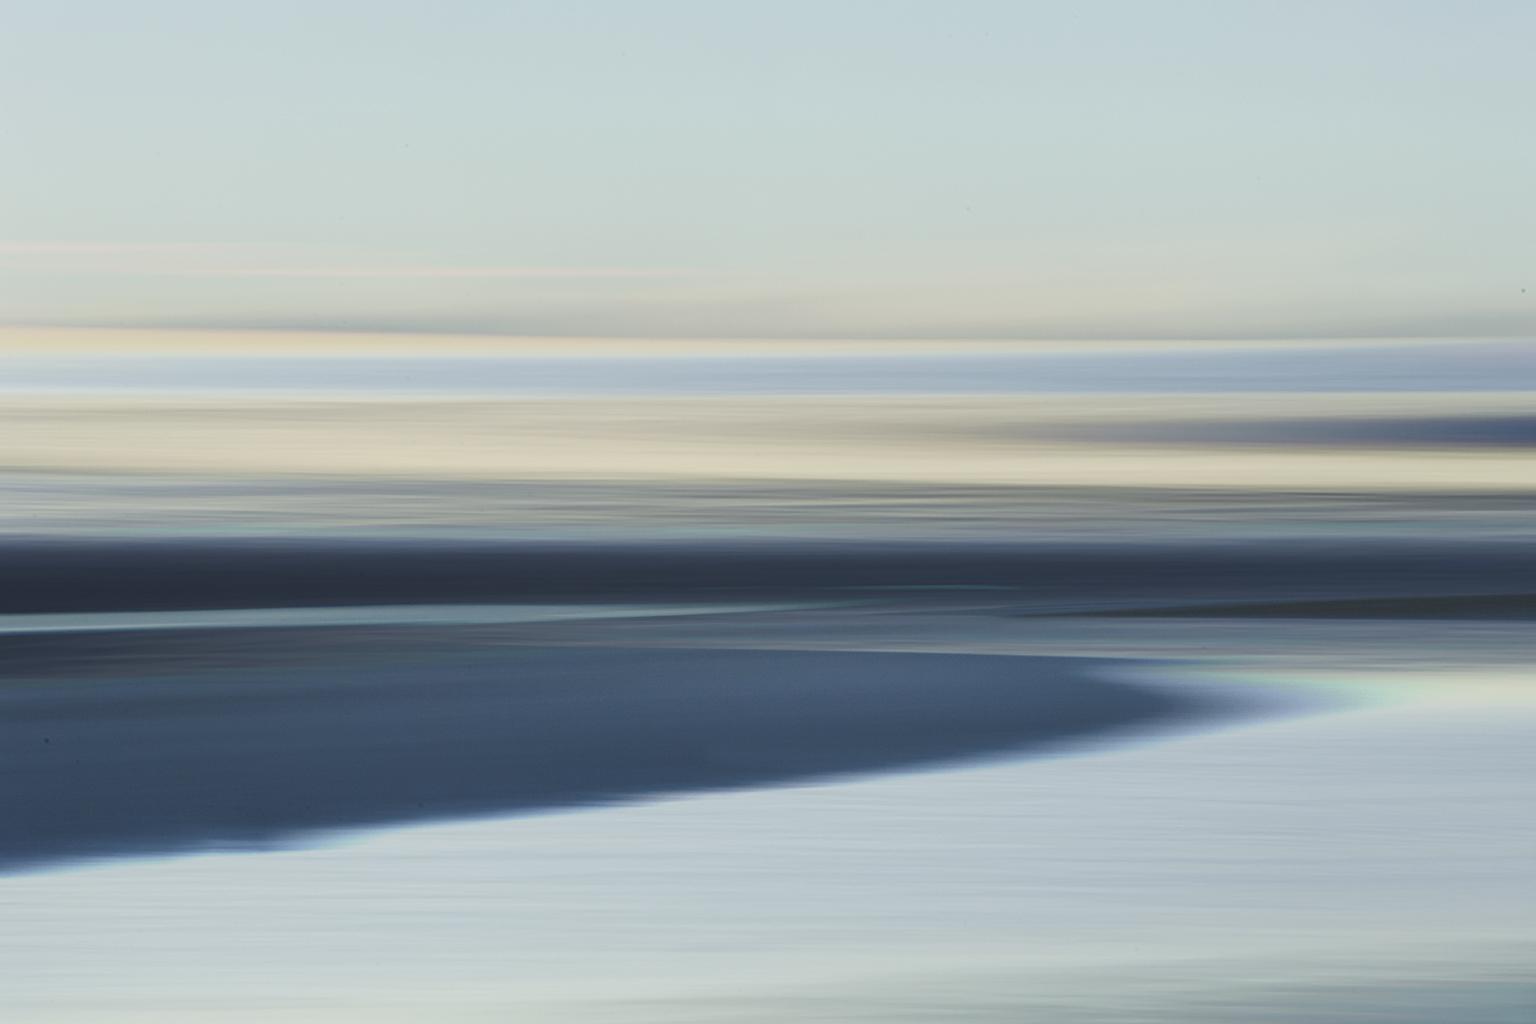 SEASIDE SIMPLICITY